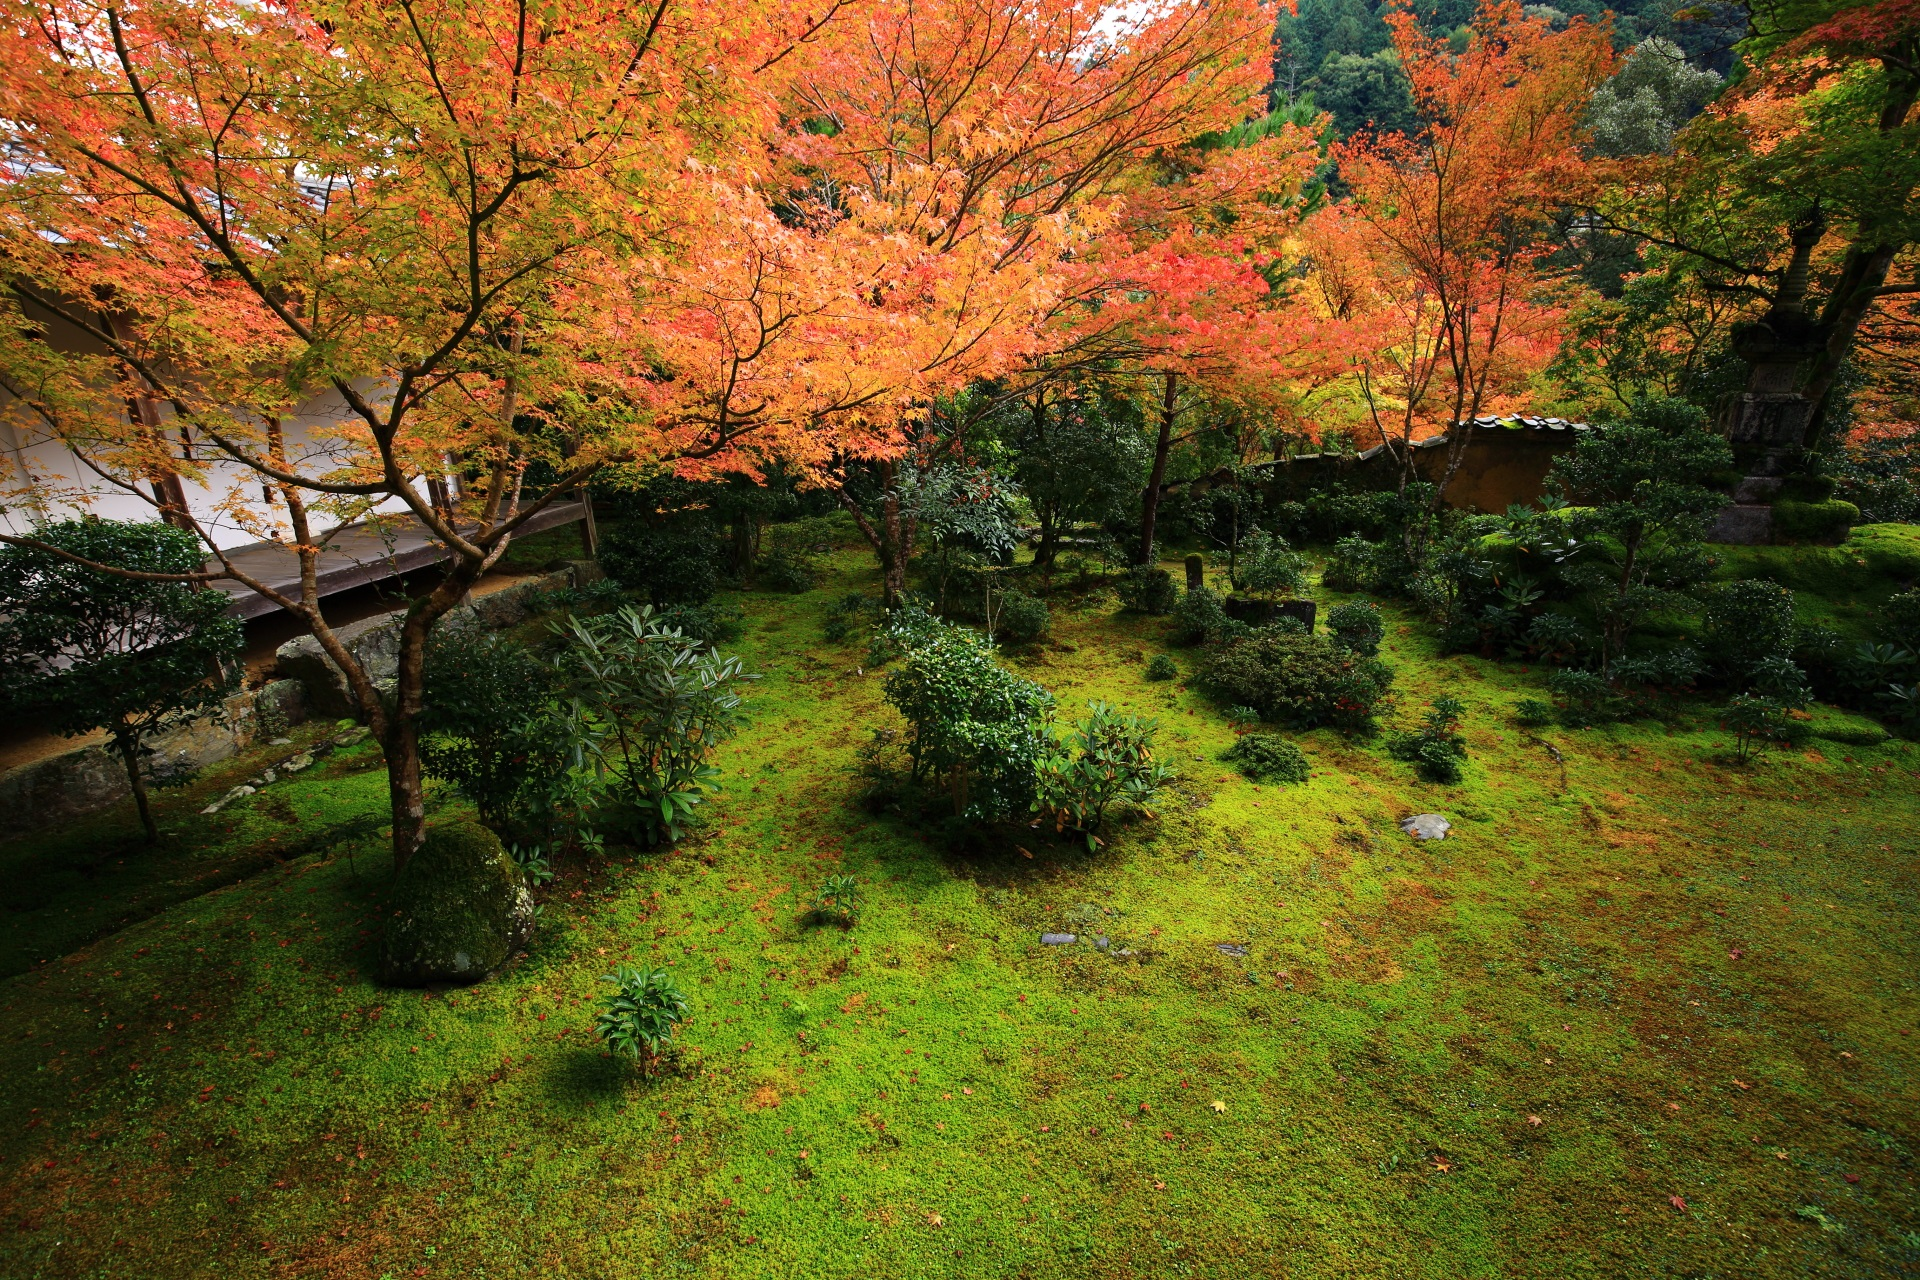 西明寺の方丈庭園の広がる苔を彩る淡い紅葉